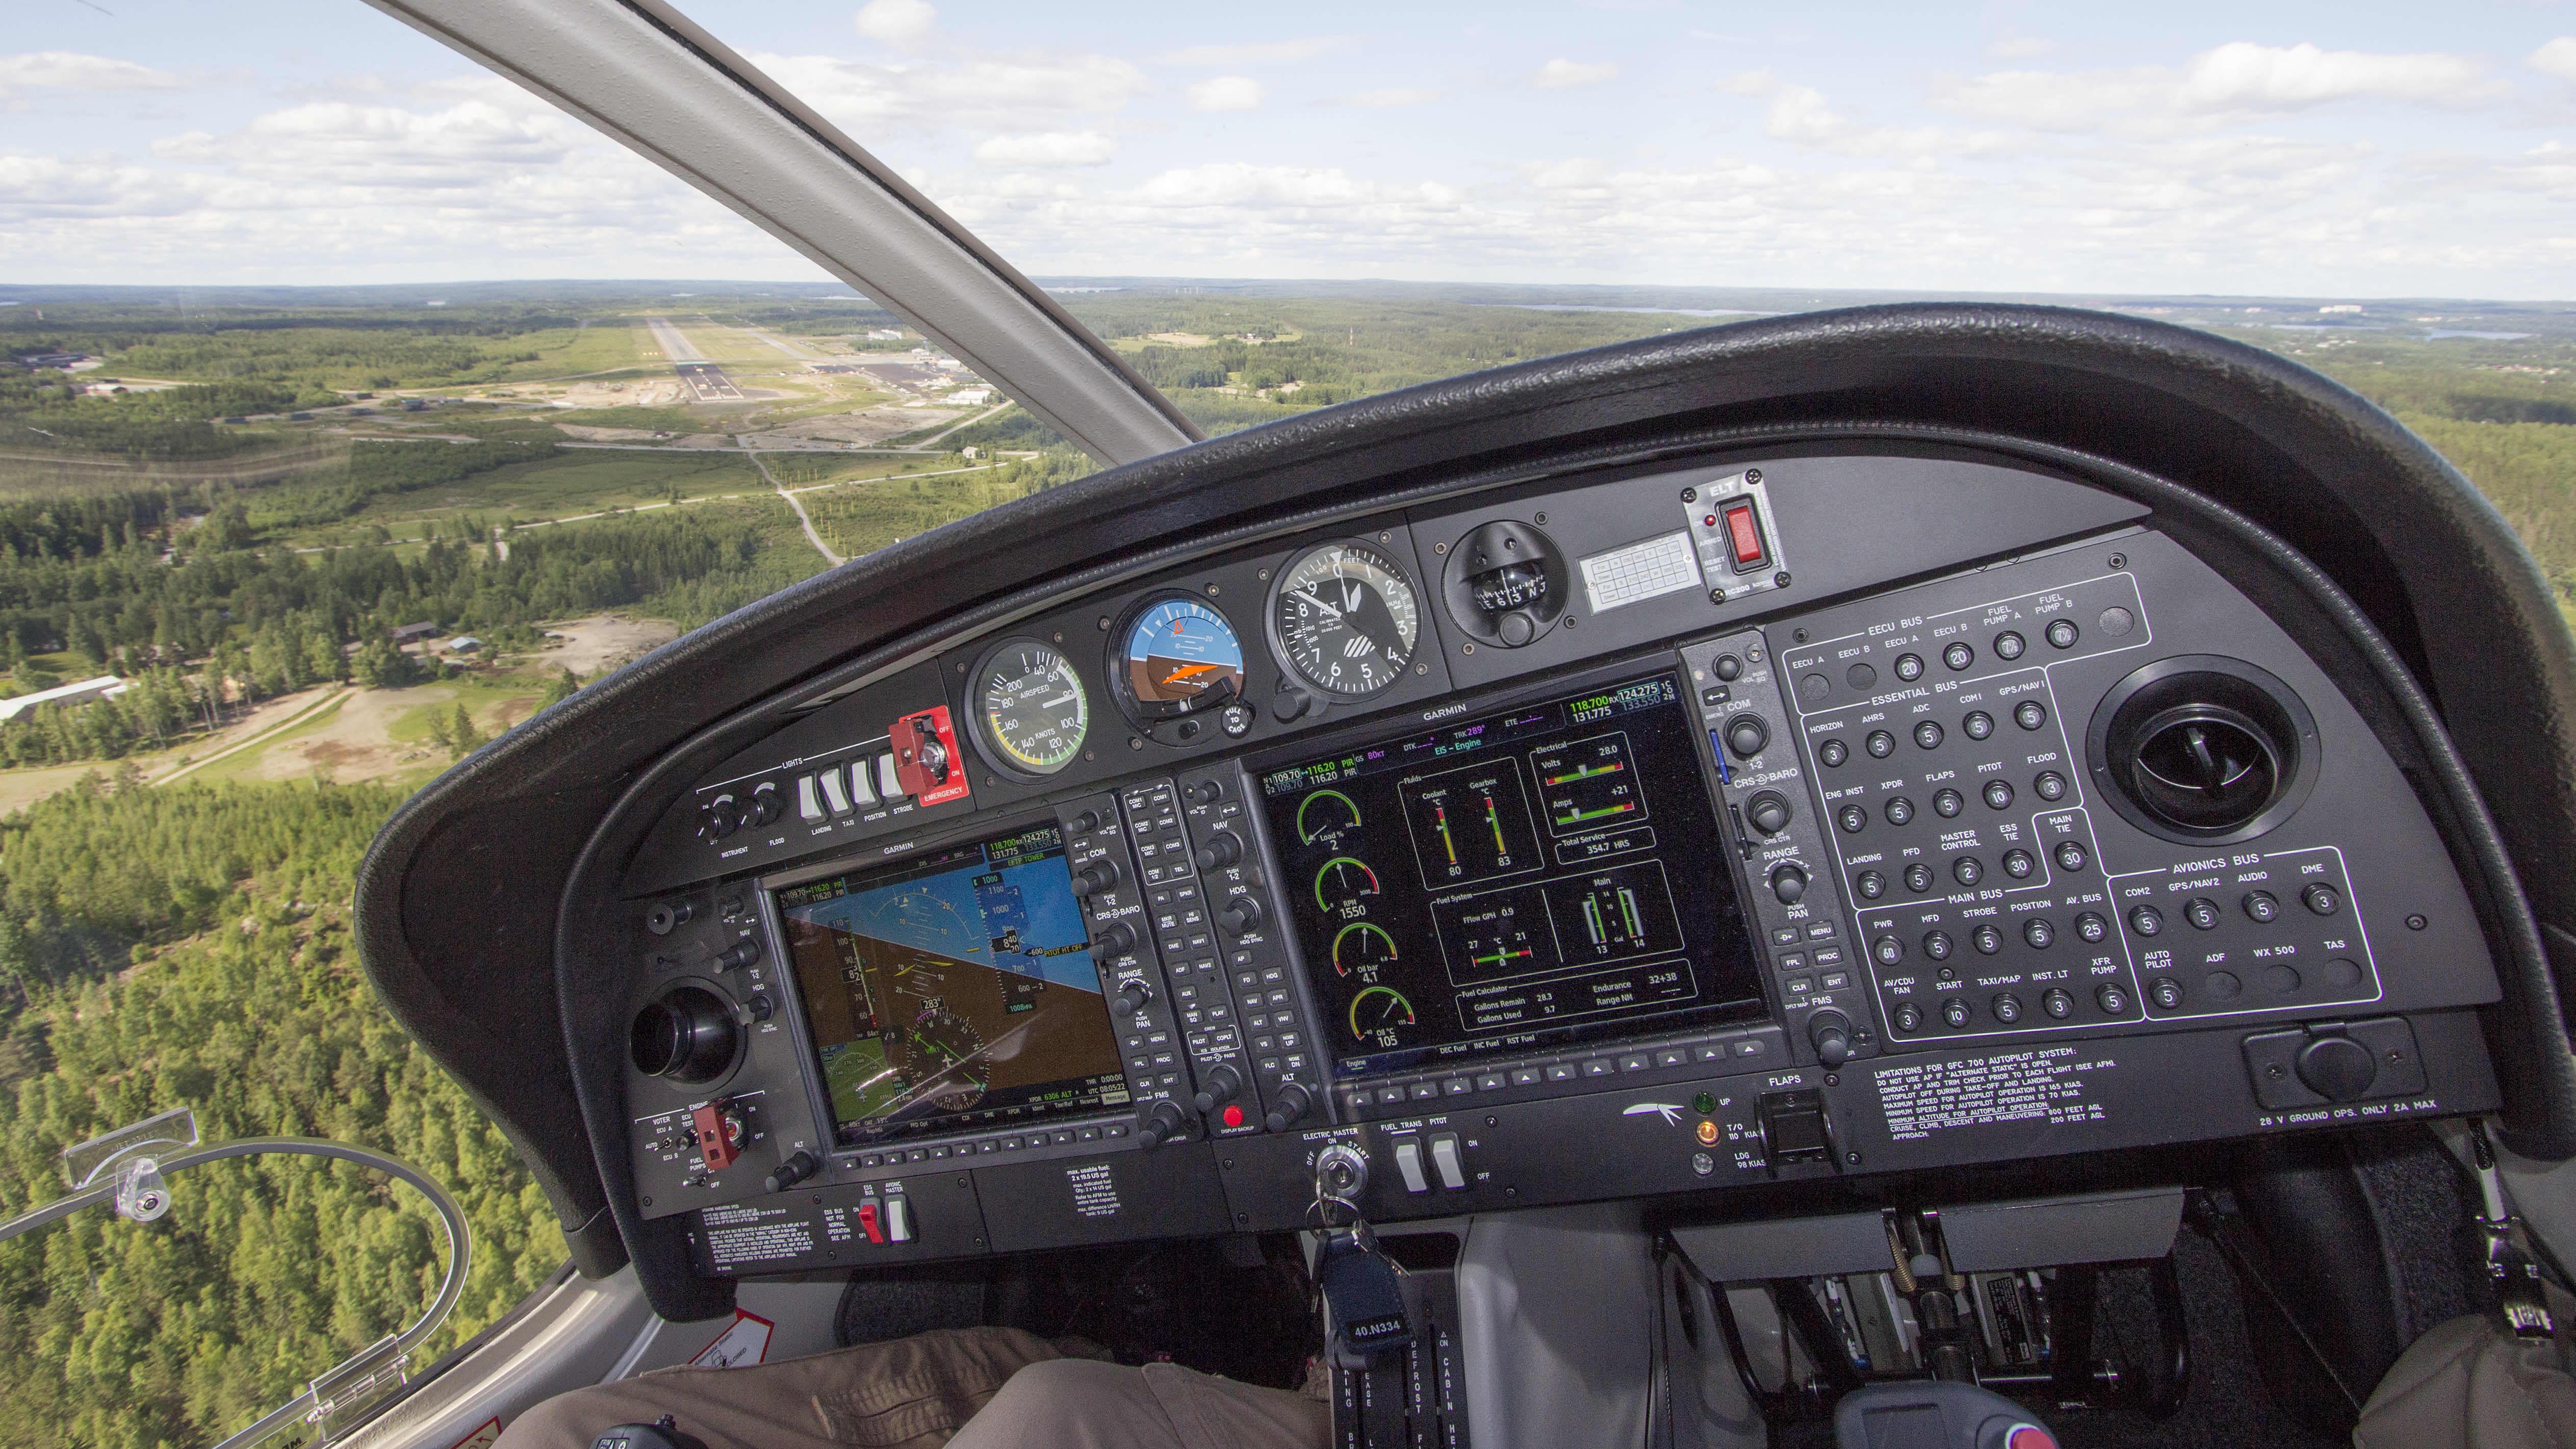 Patria Pilot Trainingin koulukone tulossa laskuun Tampere-Pirkkalan kentälle